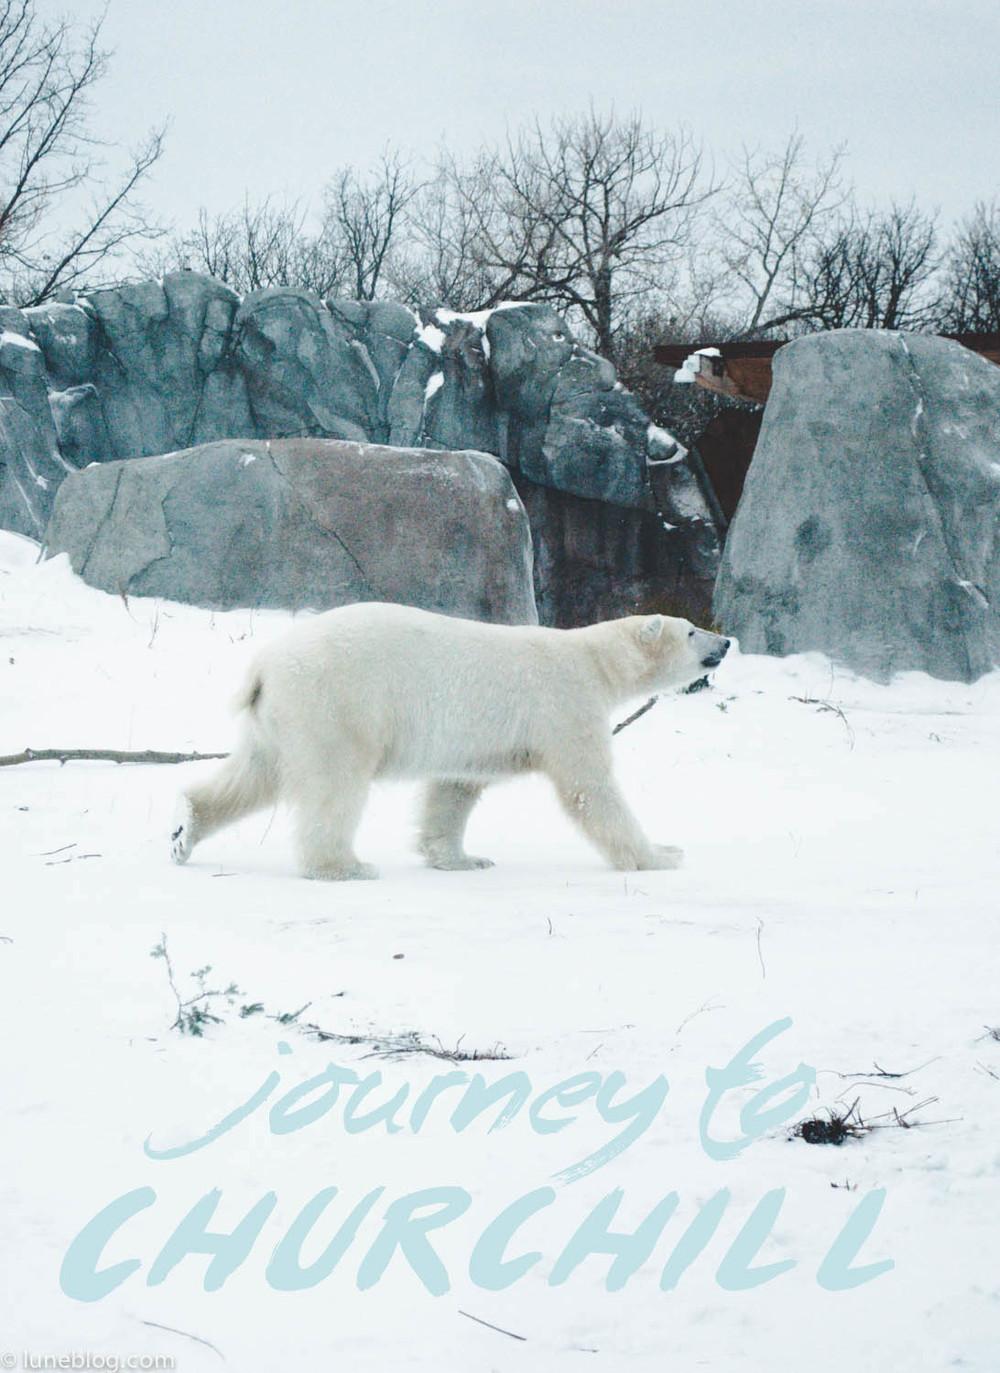 journey to churchill polar bear lune blog (1 of 1).jpg